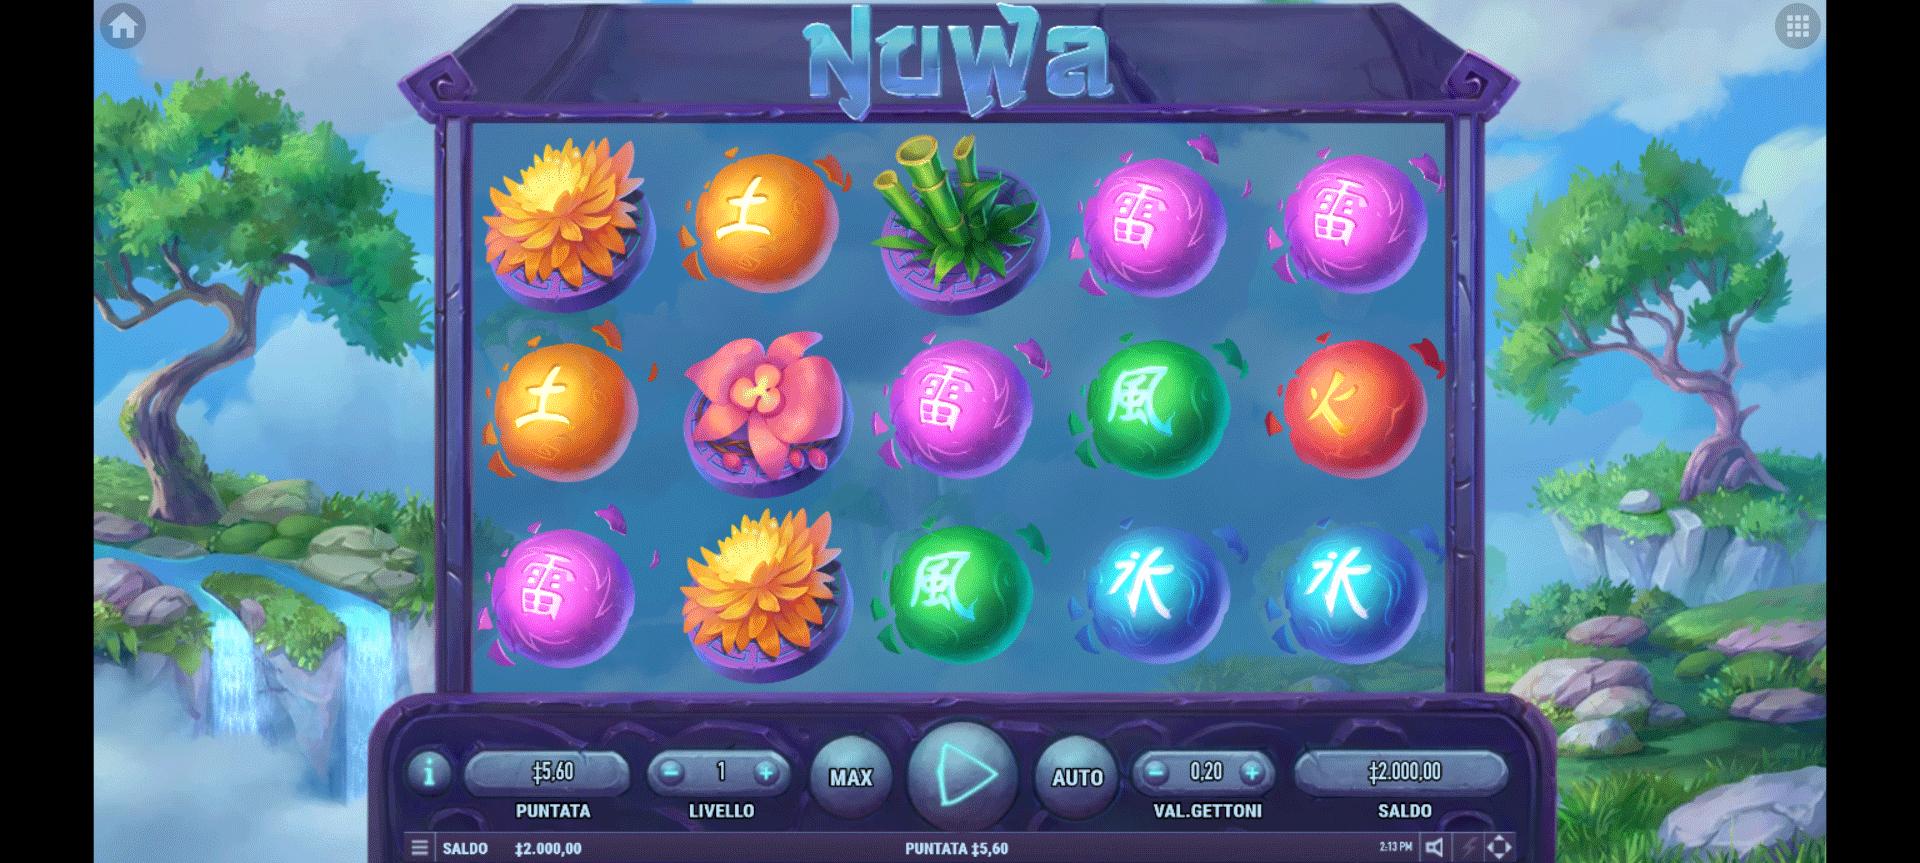 Slot Nuwa